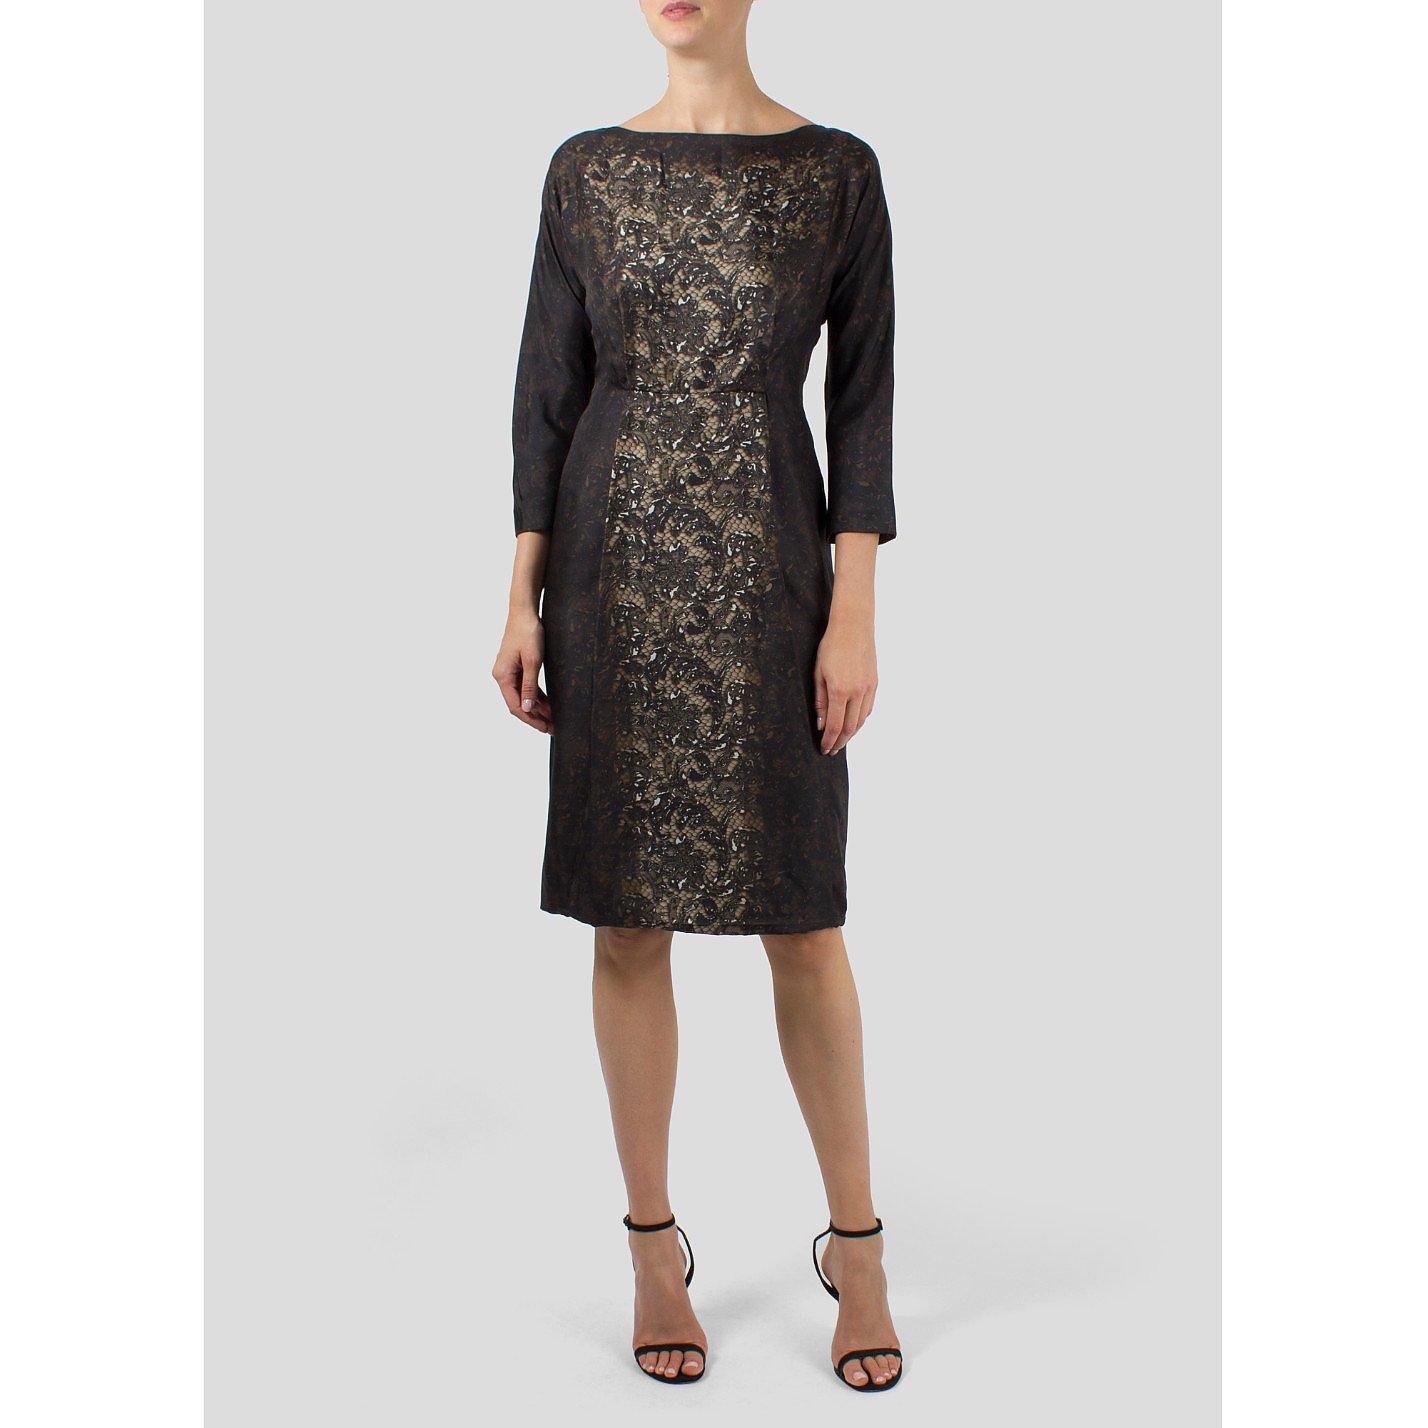 PRADA Lace and Patent Dress